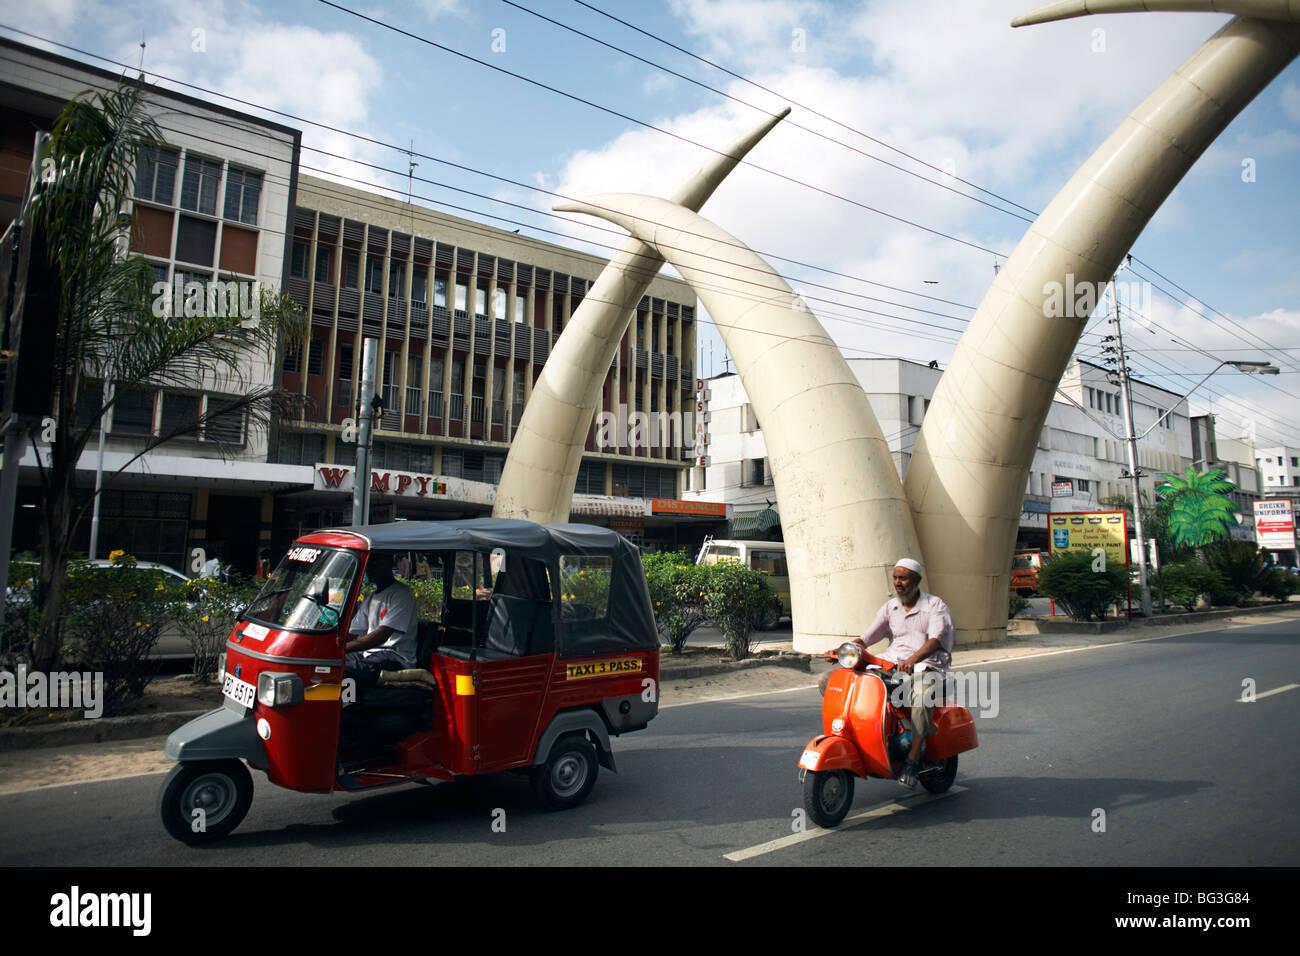 Elephant tusk arches, Mombasa, Kenya, East Africa, Africa - Stock Image